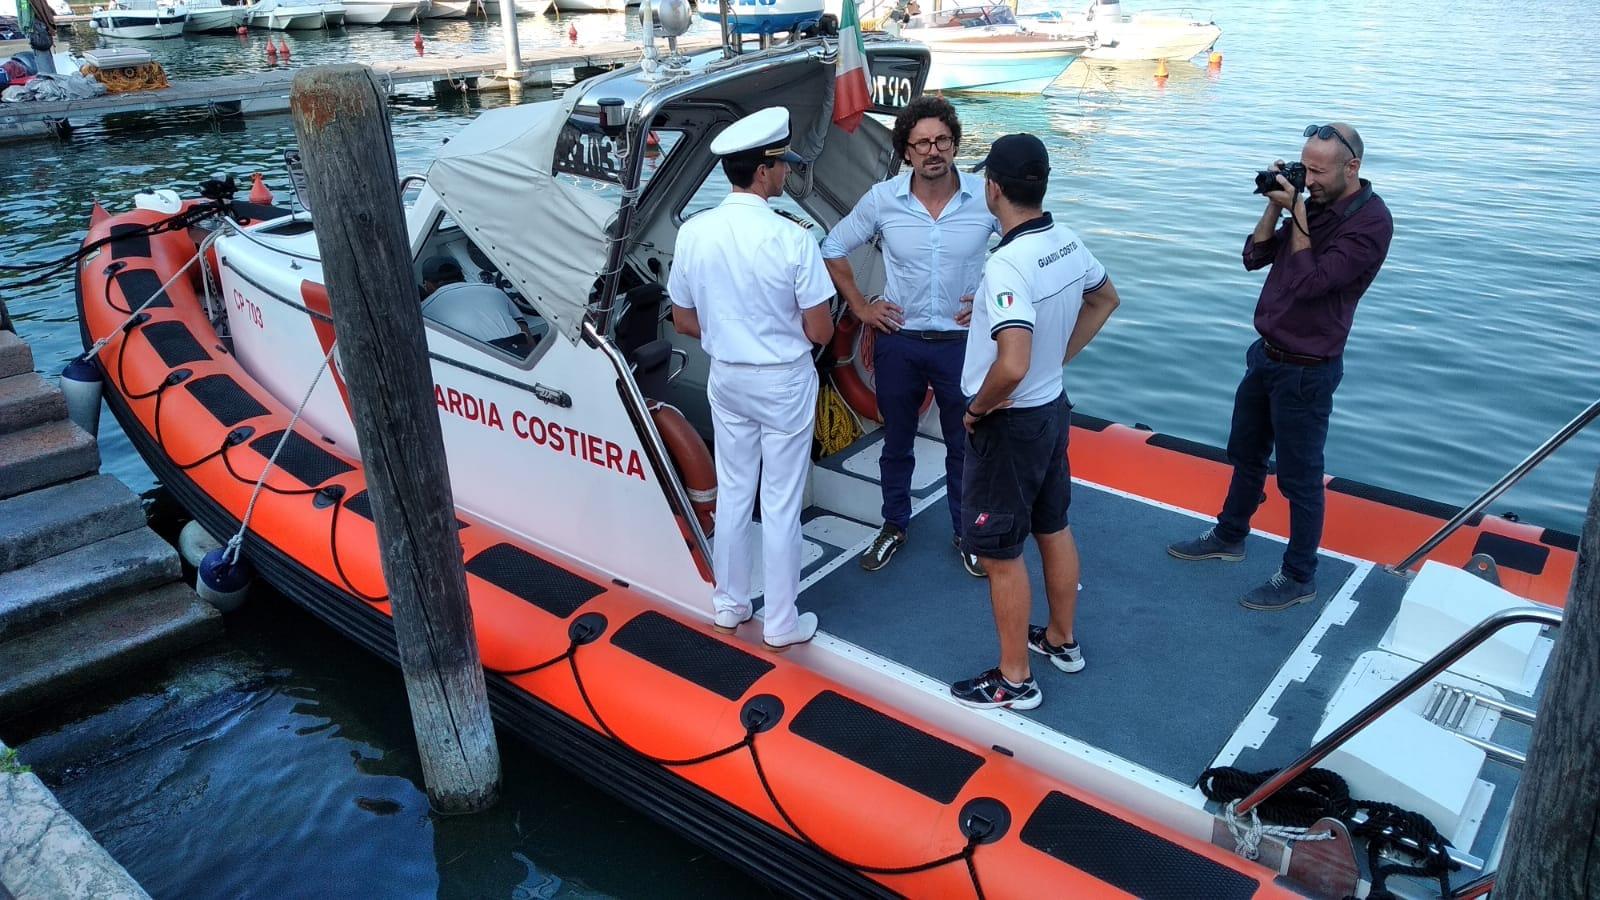 Il Ministro Toninelli sul Lago di Garda. Una visita che ha giovato a entrambe le parti.